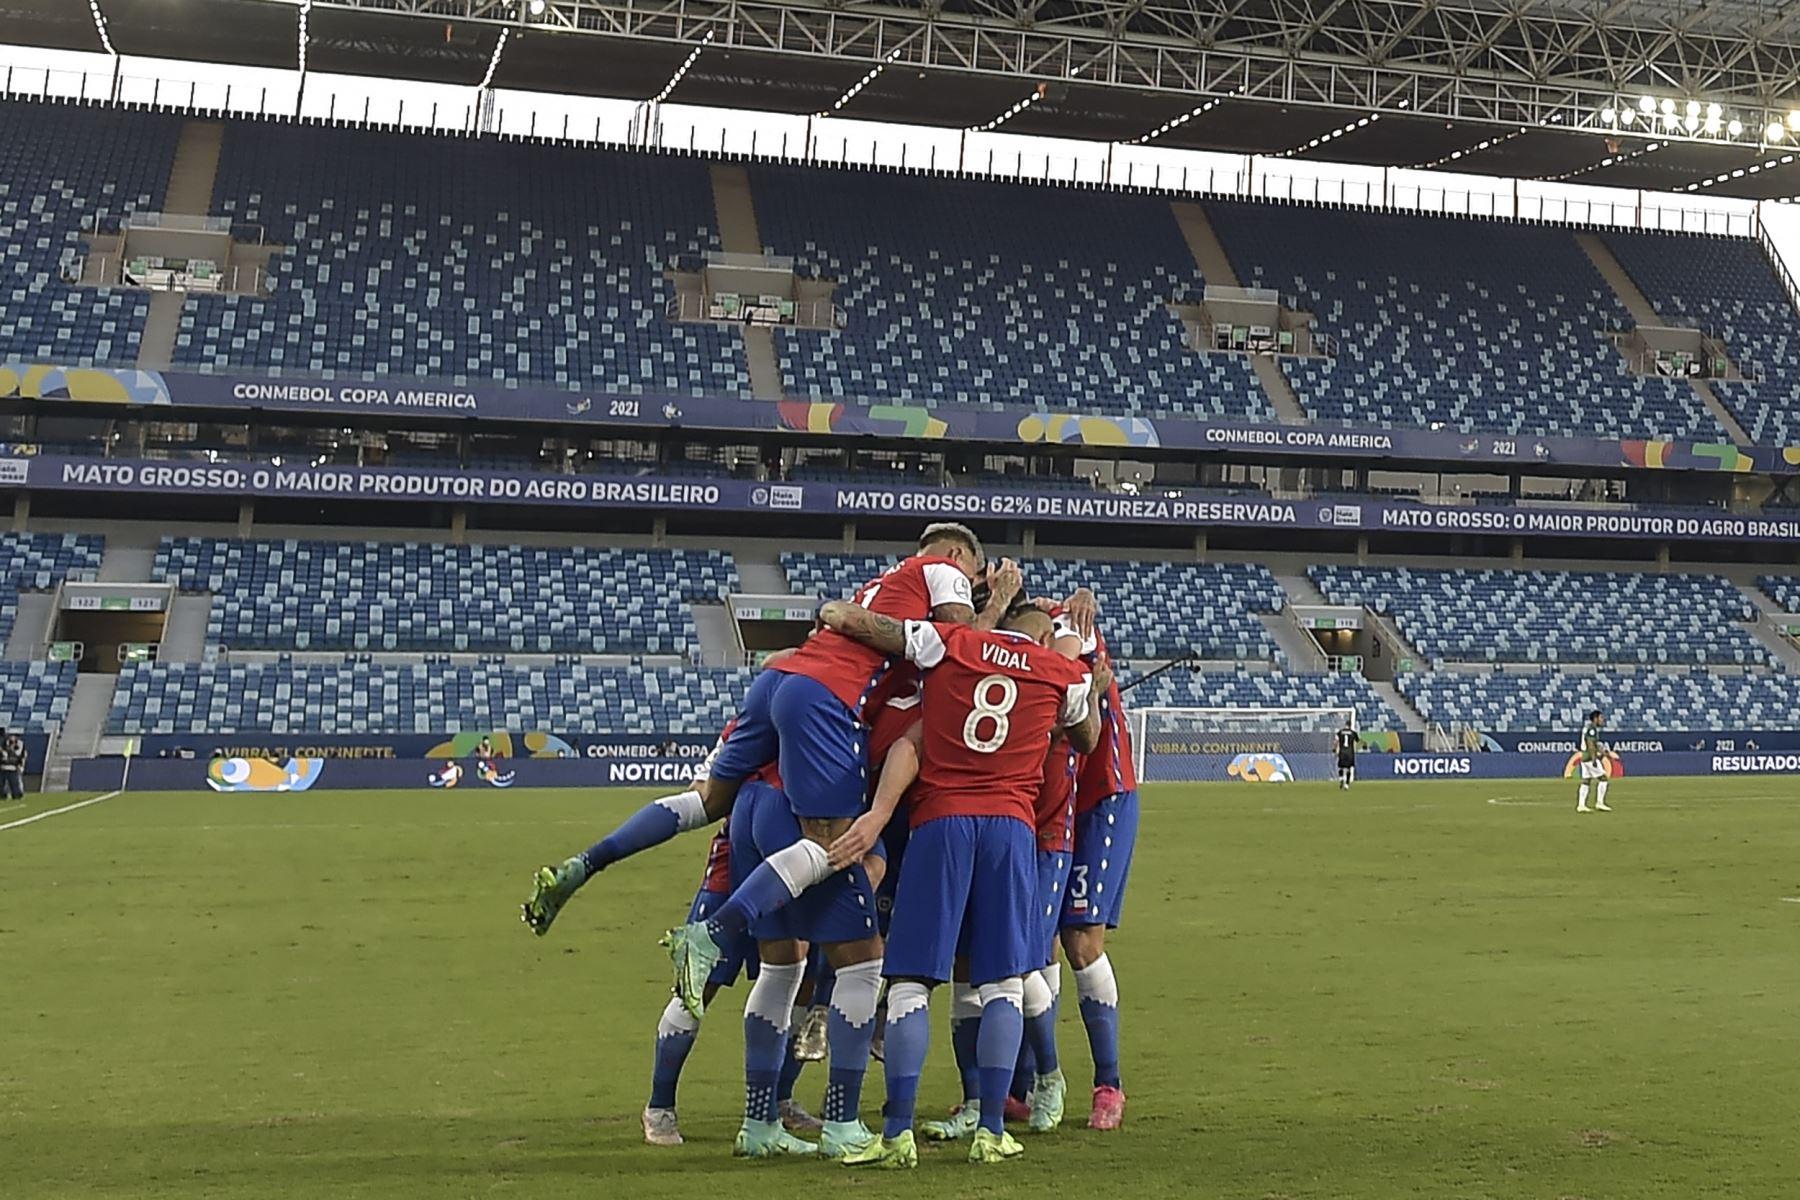 Los jugadores de Chile celebran después de que su compañero Ben Brereton anotó contra Bolivia durante el partido de la fase de grupos de la Copa América, en el Pantanal Arena de Cuiabá, Brasil. Foto: AFP